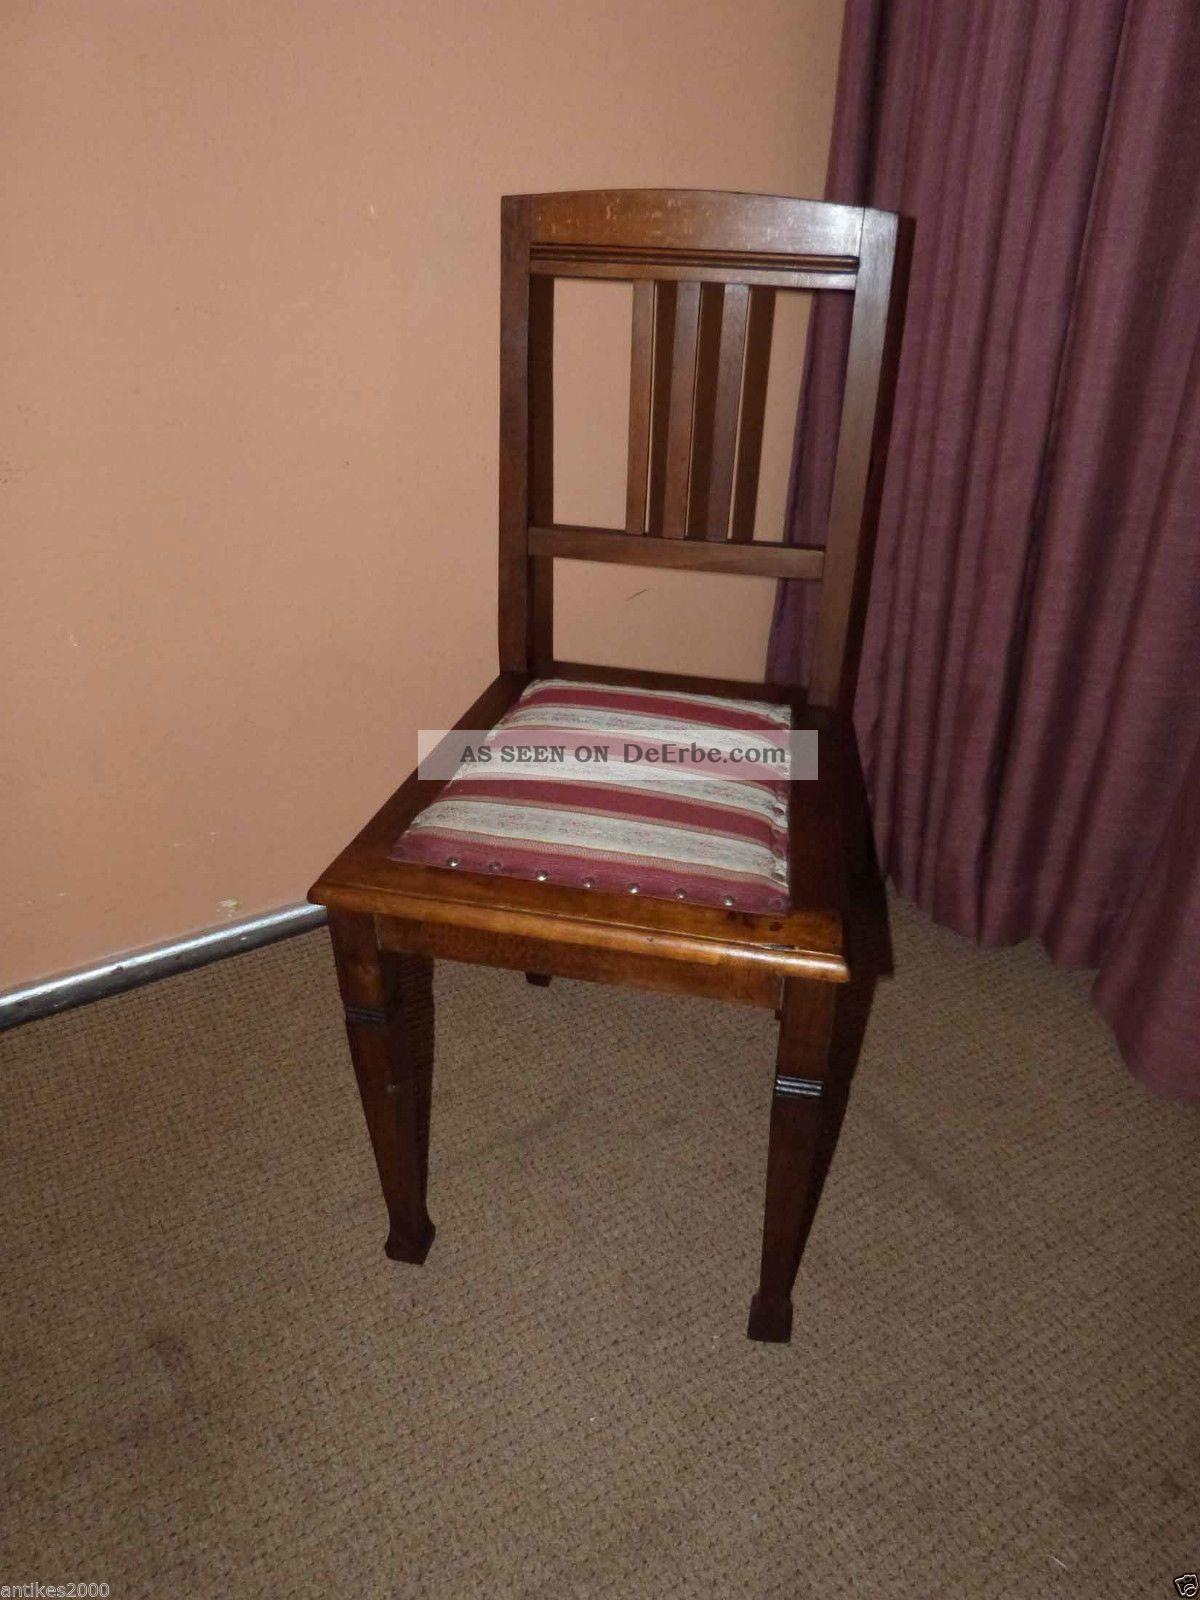 sch ner antiker jugendstil stuhl alter holzstuhl um 1900. Black Bedroom Furniture Sets. Home Design Ideas